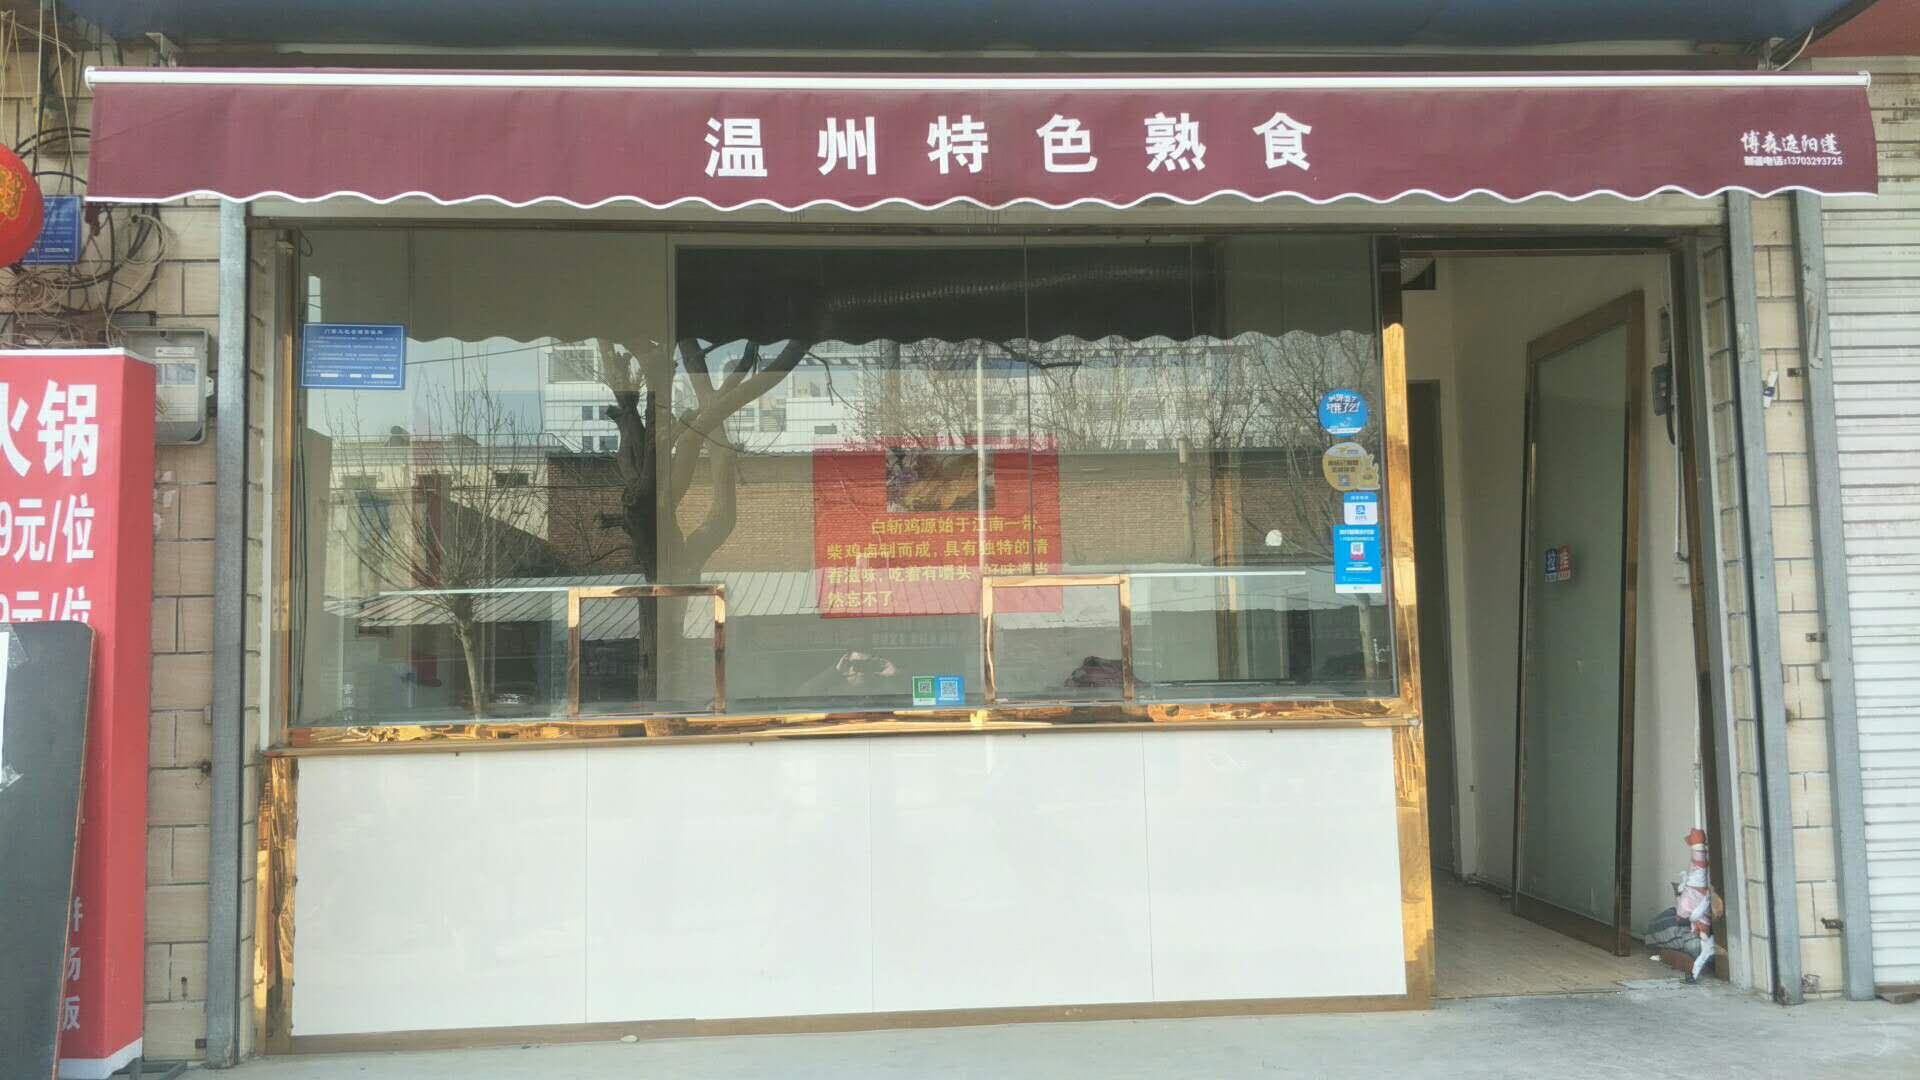 紧邻益庄柳阳街门脸出租历史经营熏肉店因个人原因带装